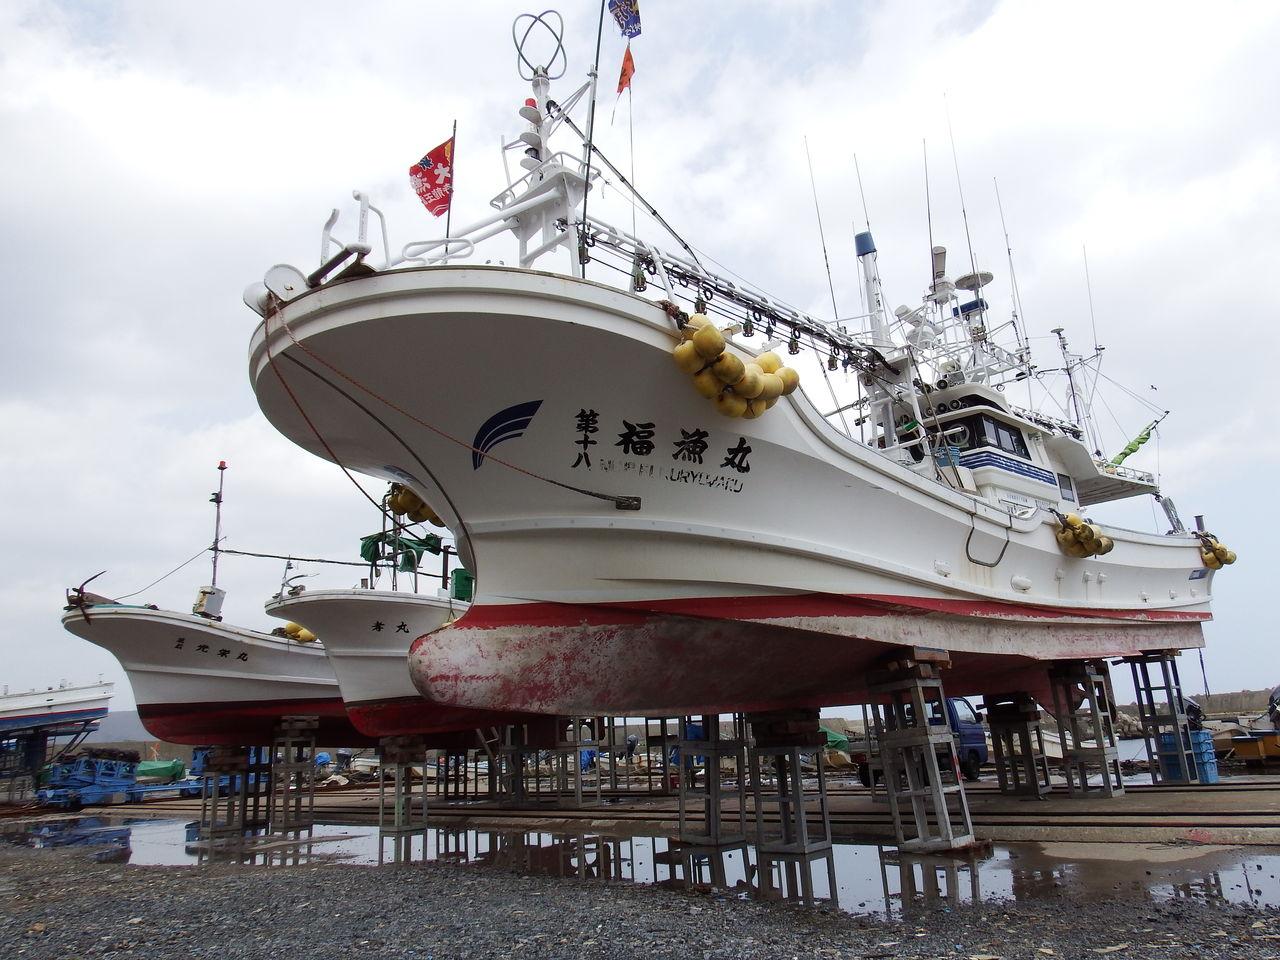 函館発  ぼうけんの旅多くの漁船が陸揚げされていた椴法華漁港コメント